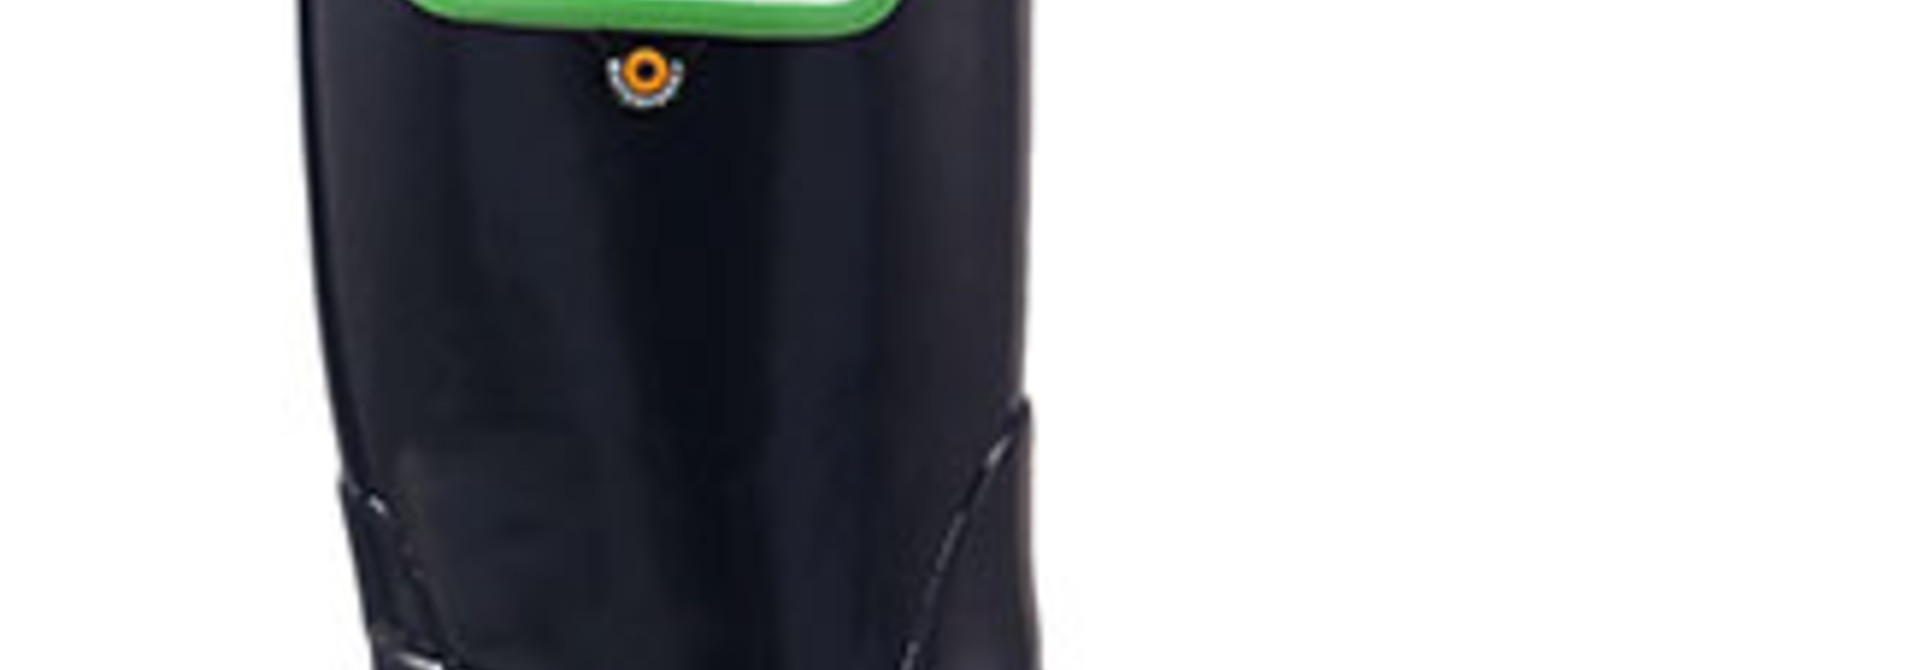 Bottes d'eau Bogs - CLASSIC Marine/Vert